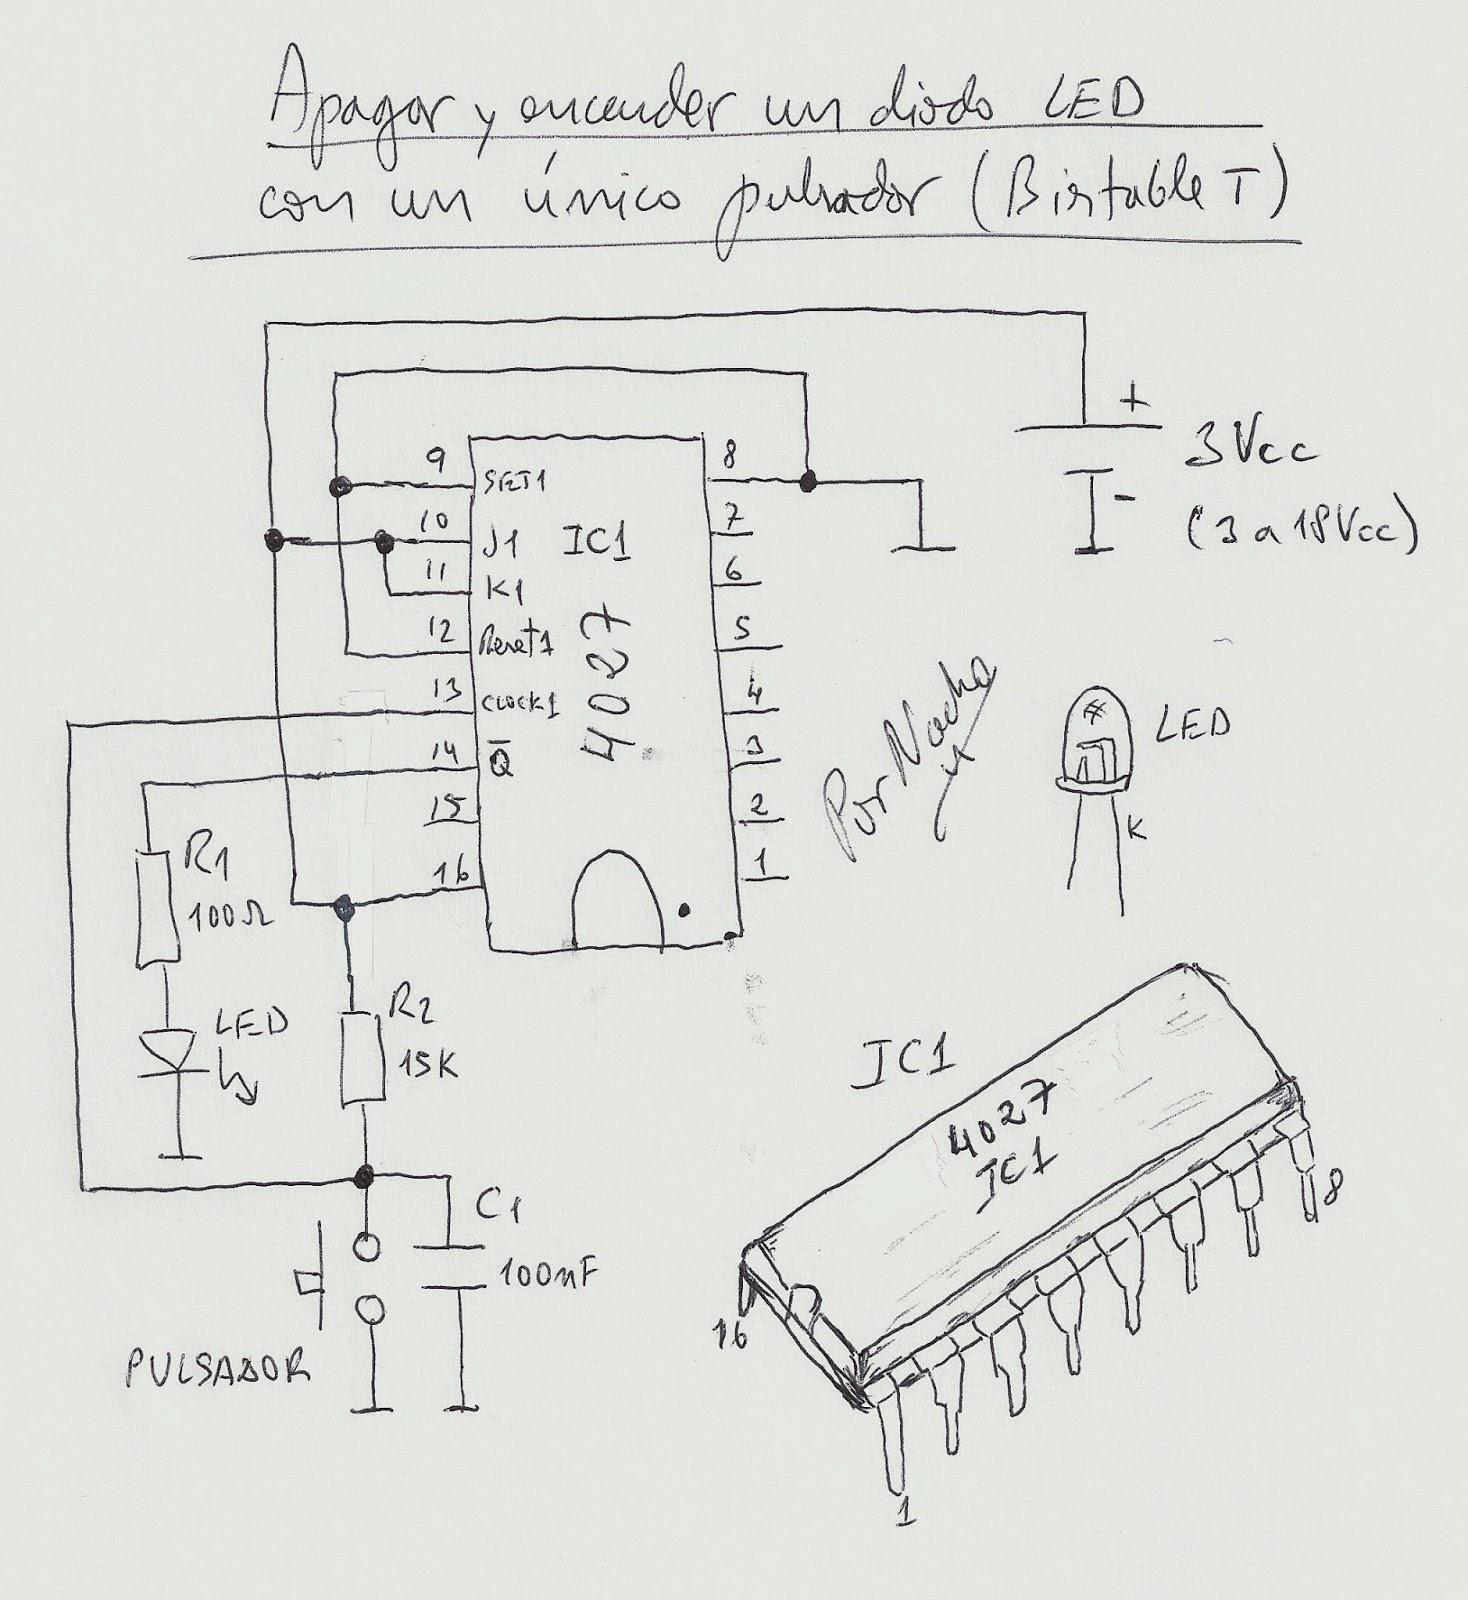 Circuito Led : Cotidiana place: apagar y encender un diodo led con un único